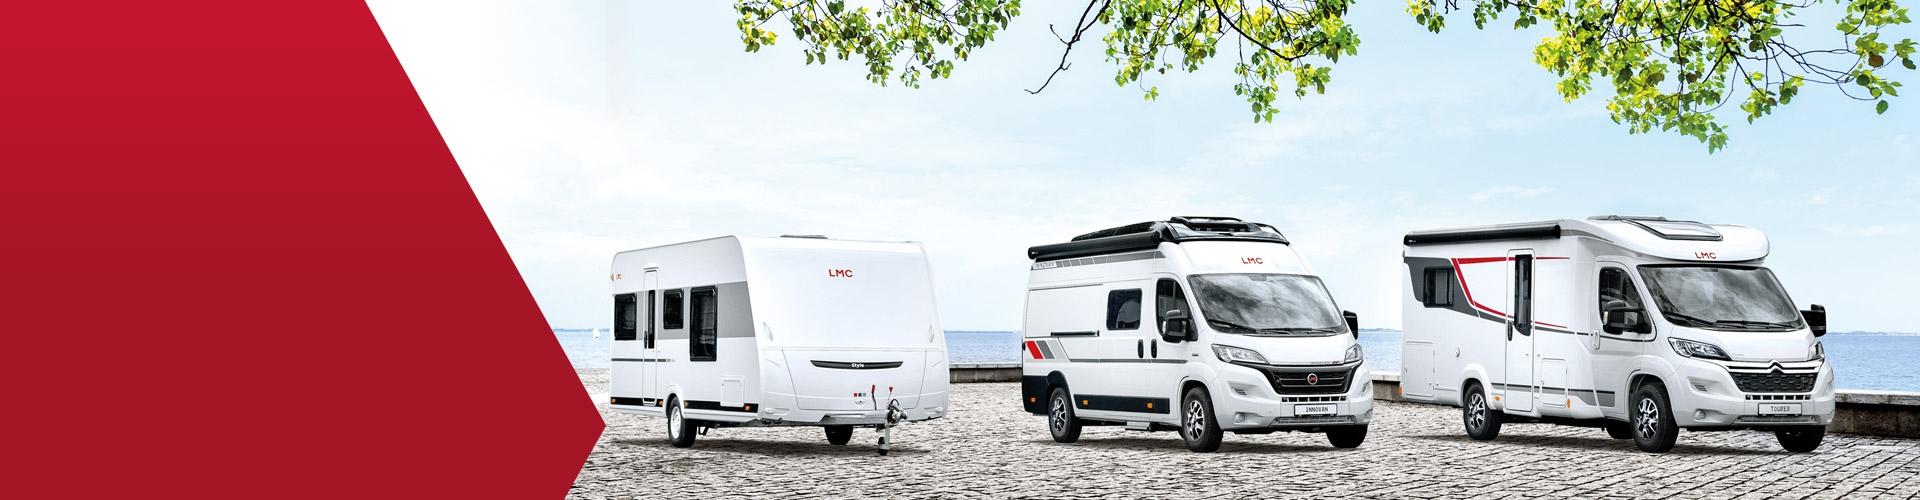 Reisemobile/ Caravan